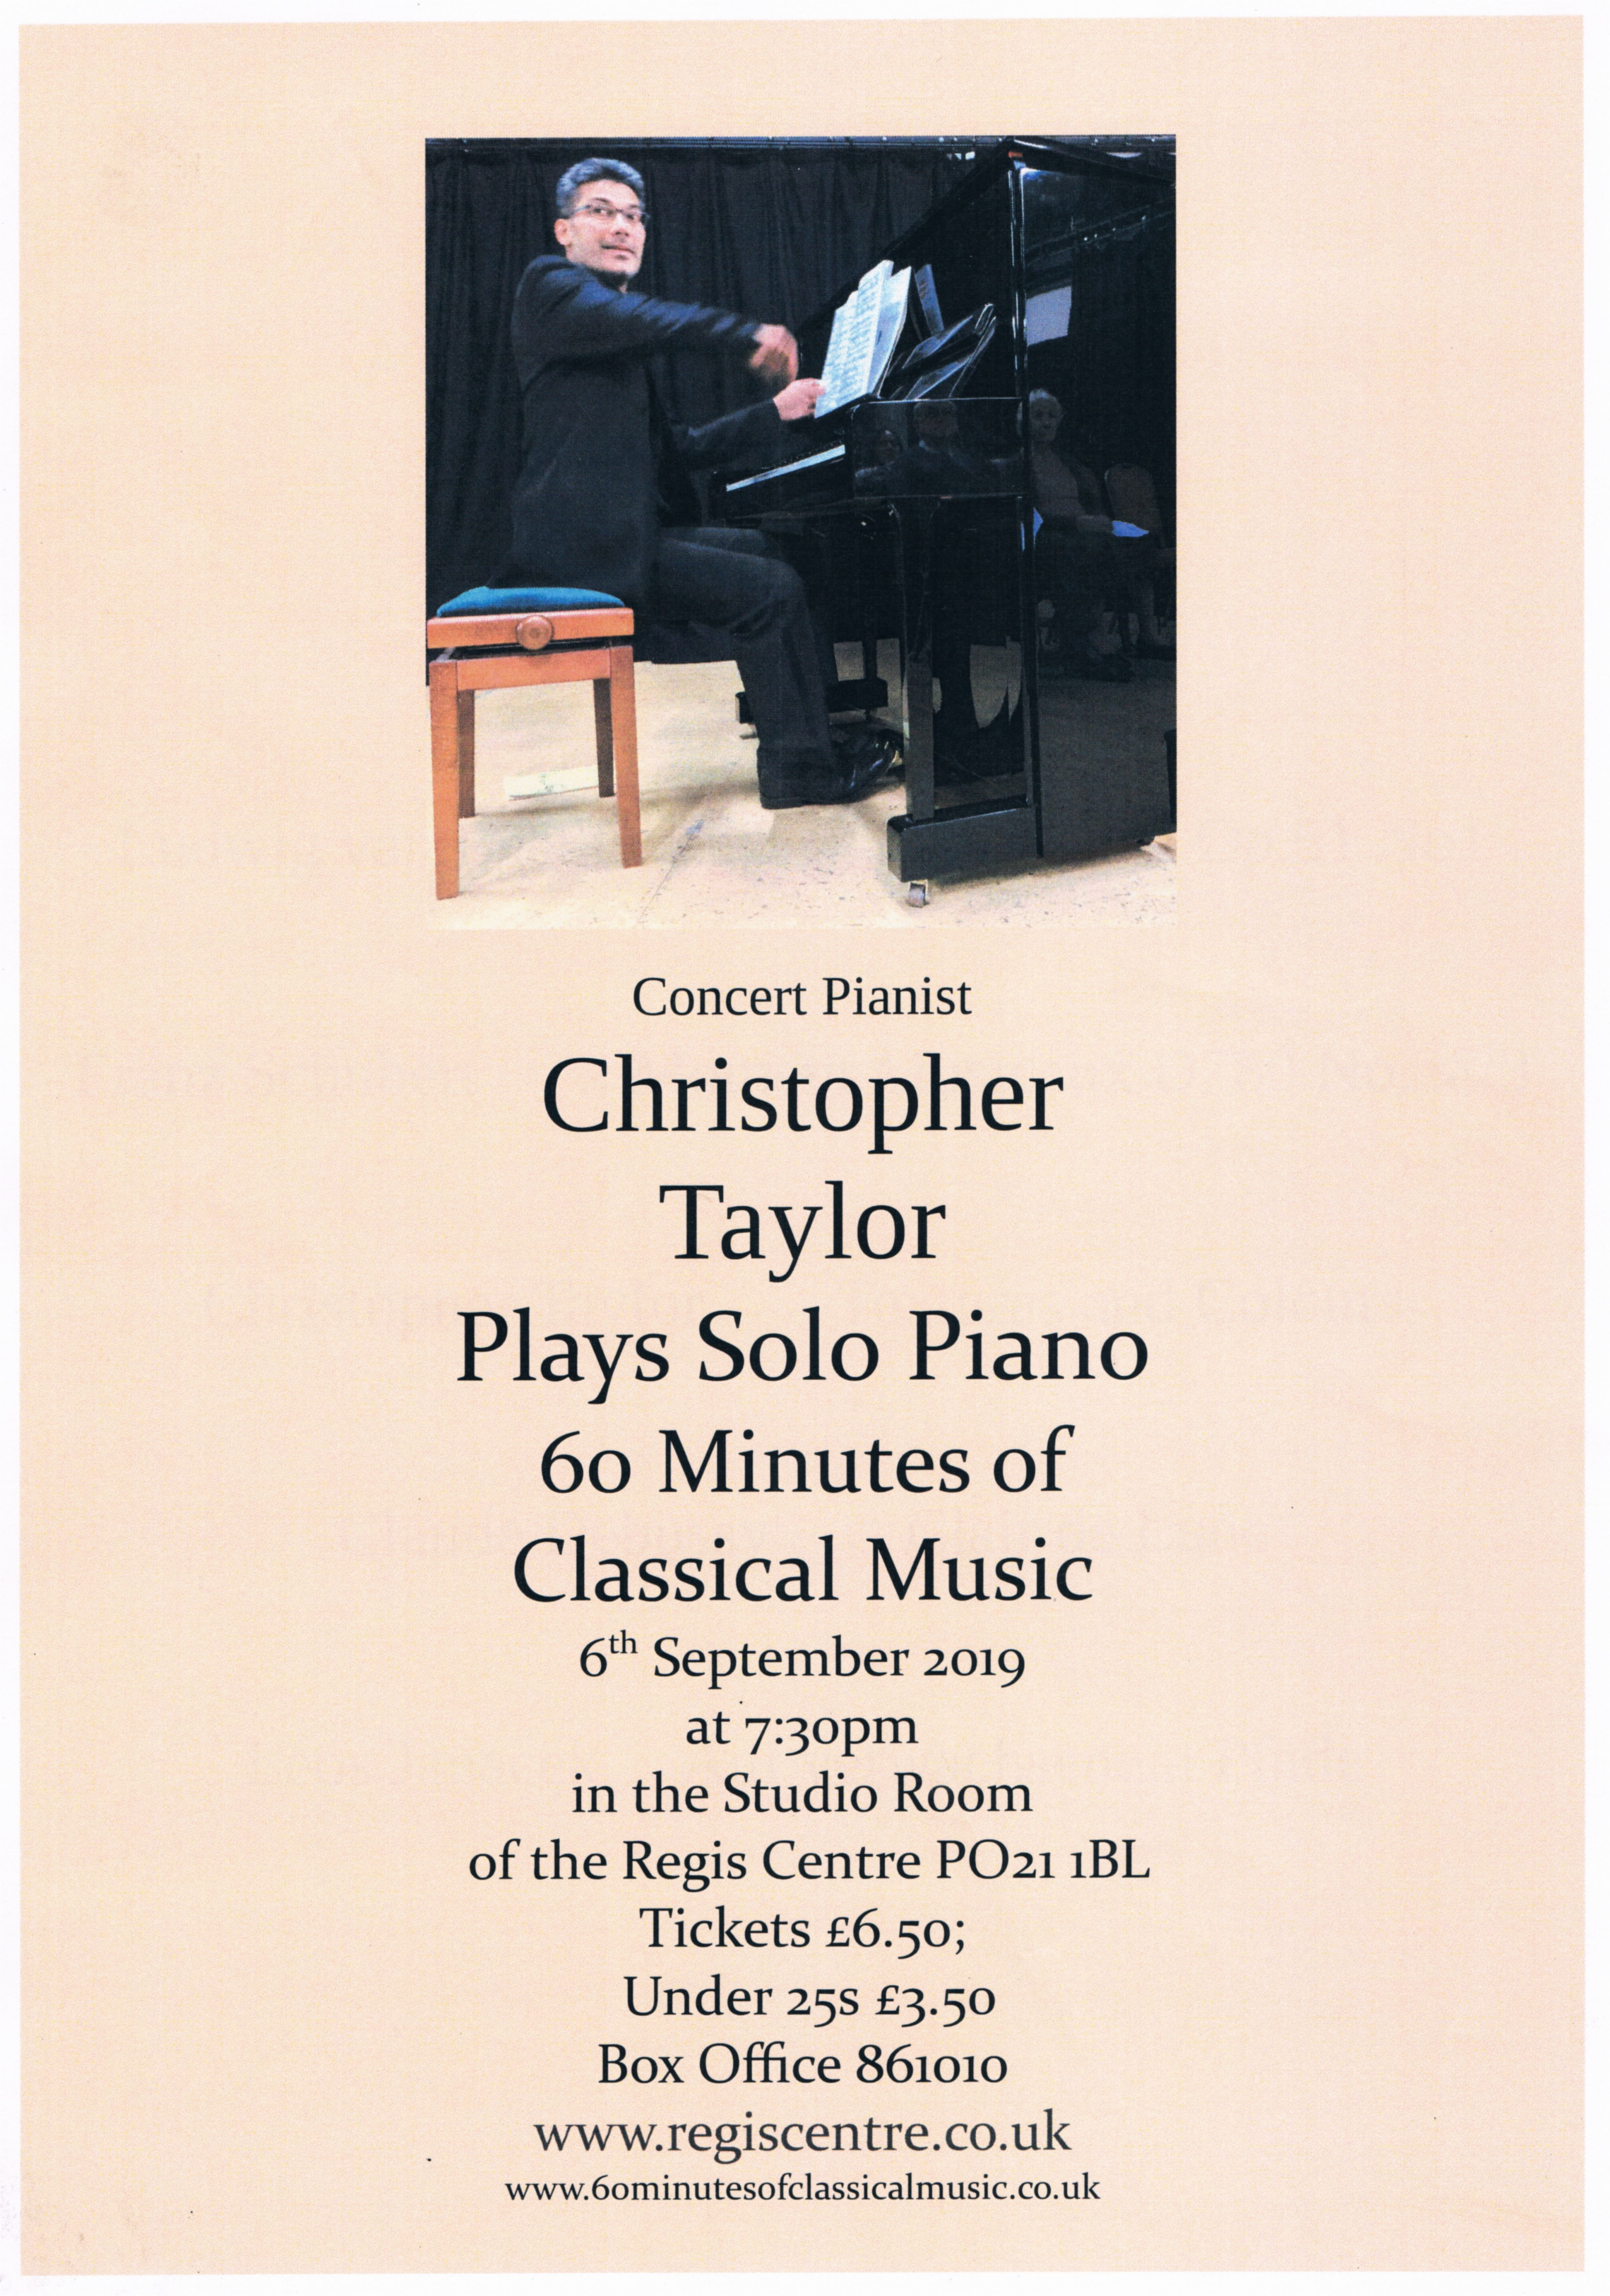 60 Minutes of Classical Music – Regis Centre